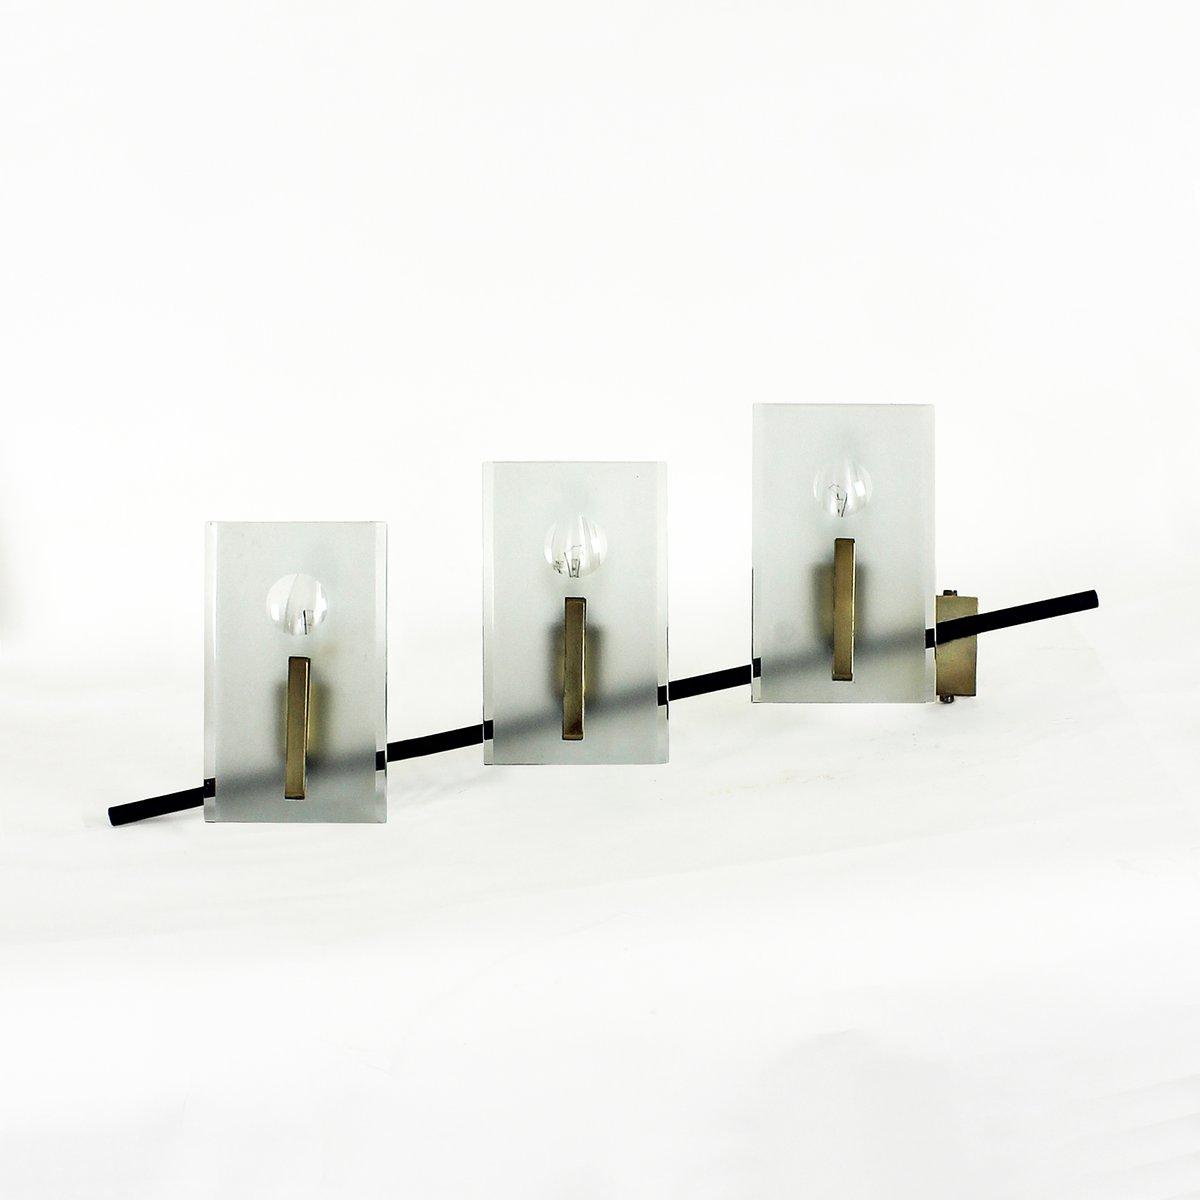 italienische wandleuchte aus glas stahl und messing. Black Bedroom Furniture Sets. Home Design Ideas